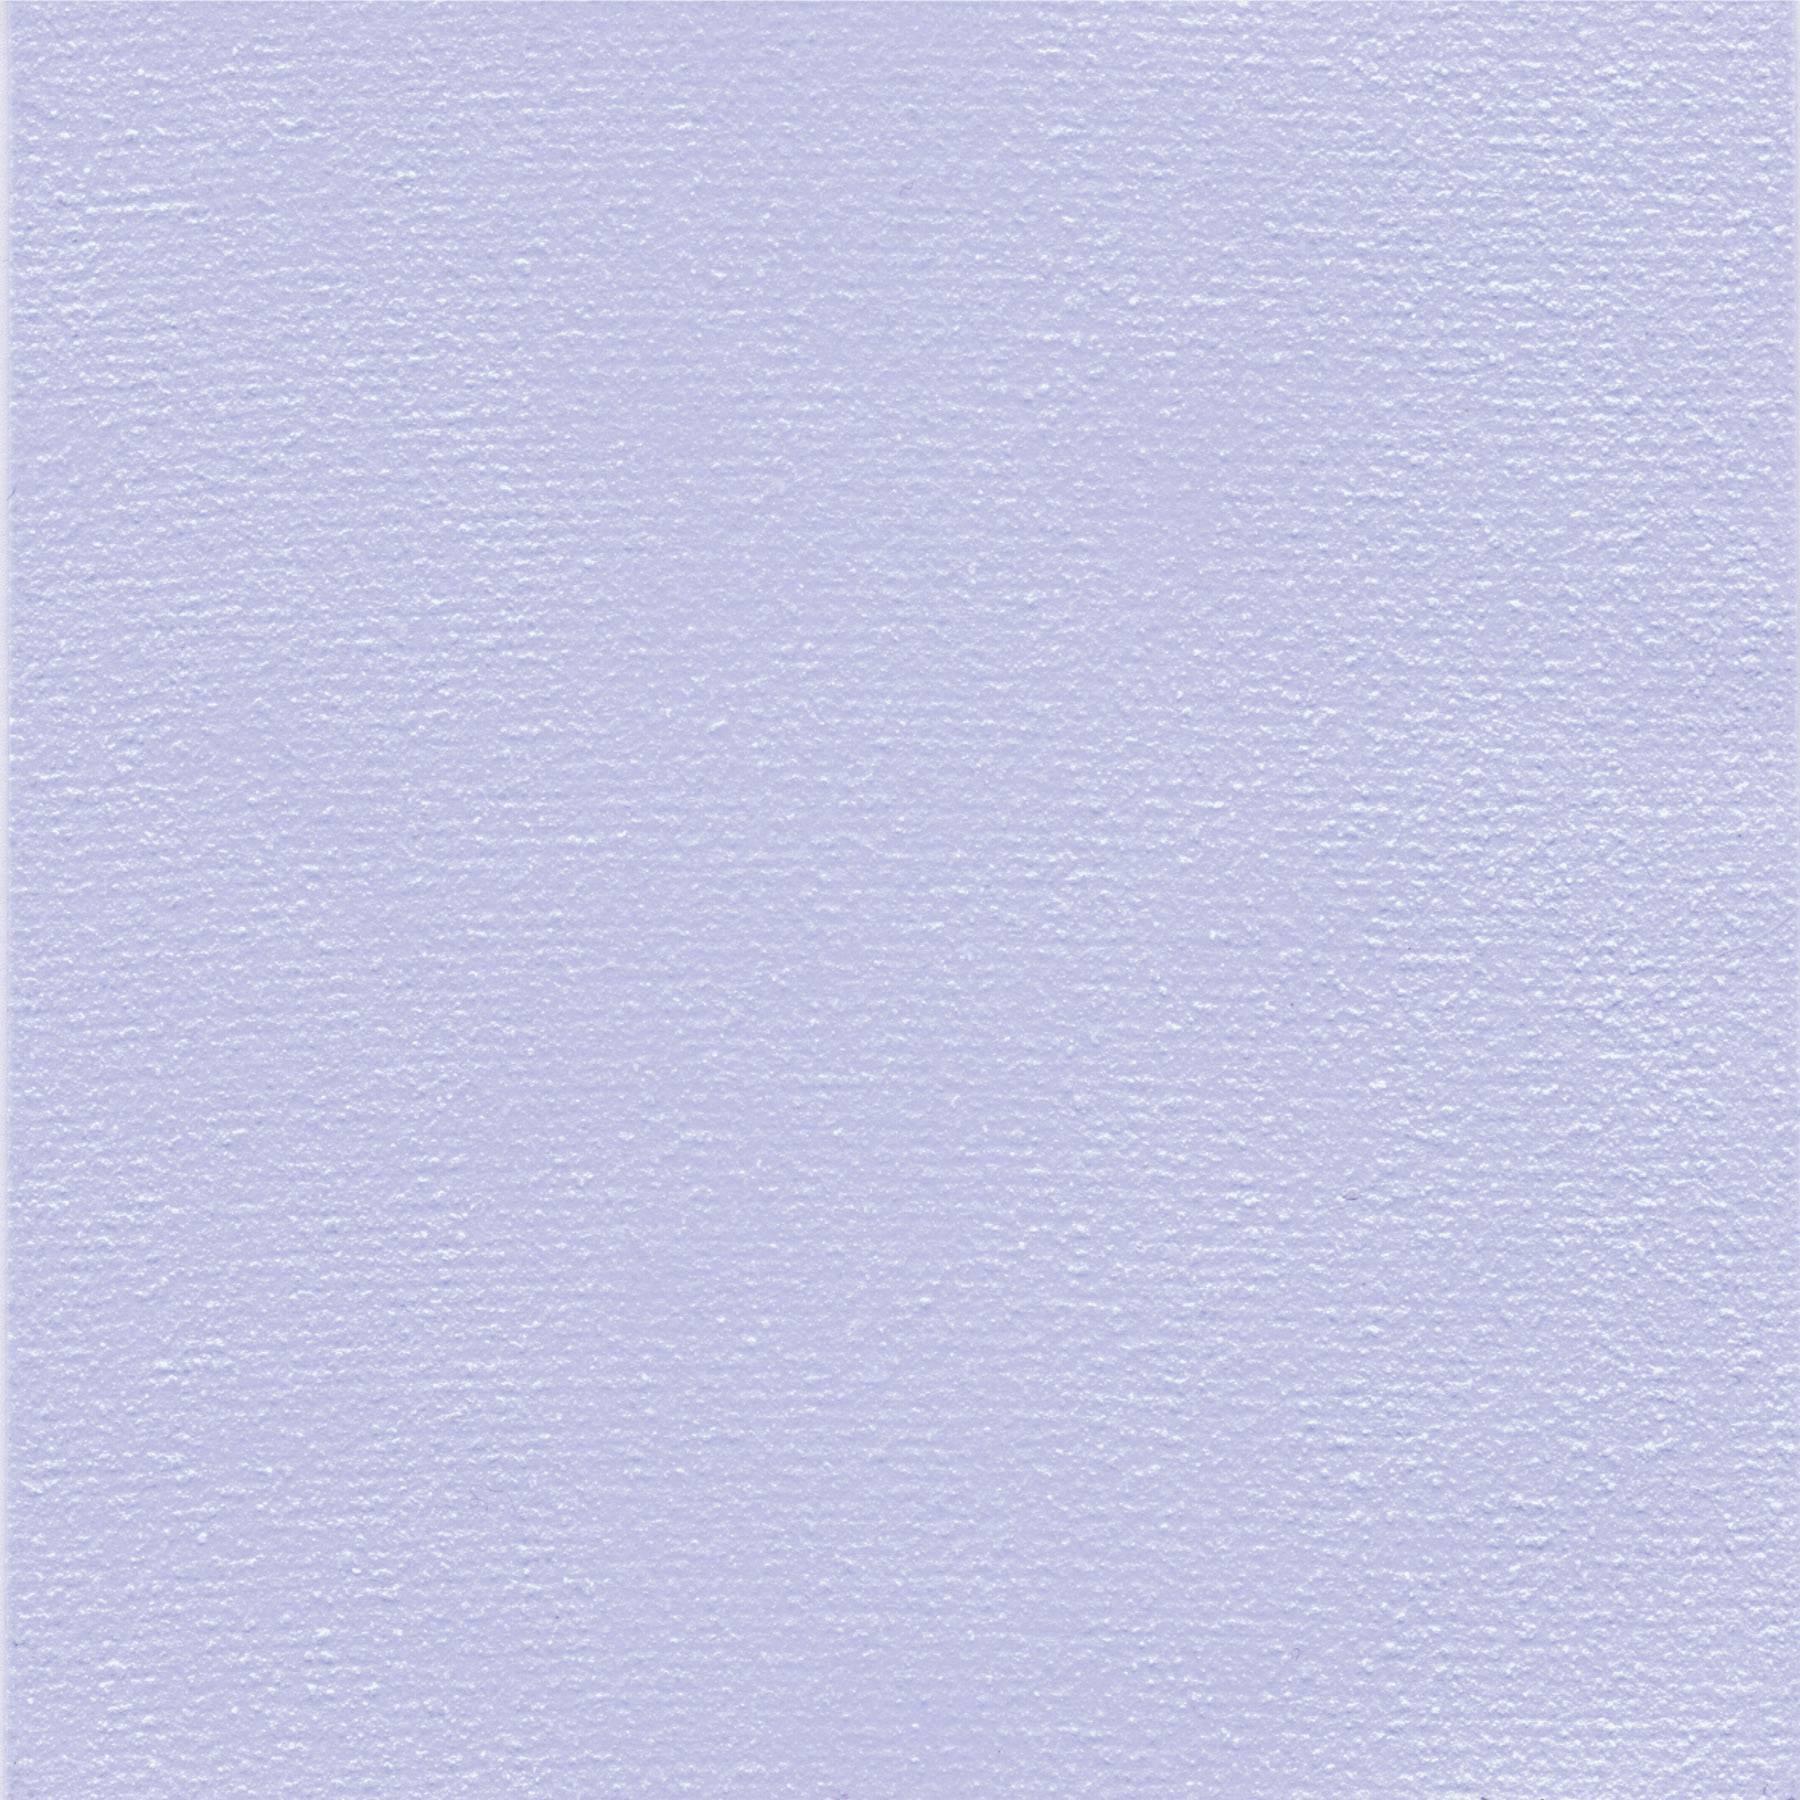 Teplovodivá fólie Softtherm 86/300 100x100x5 mm